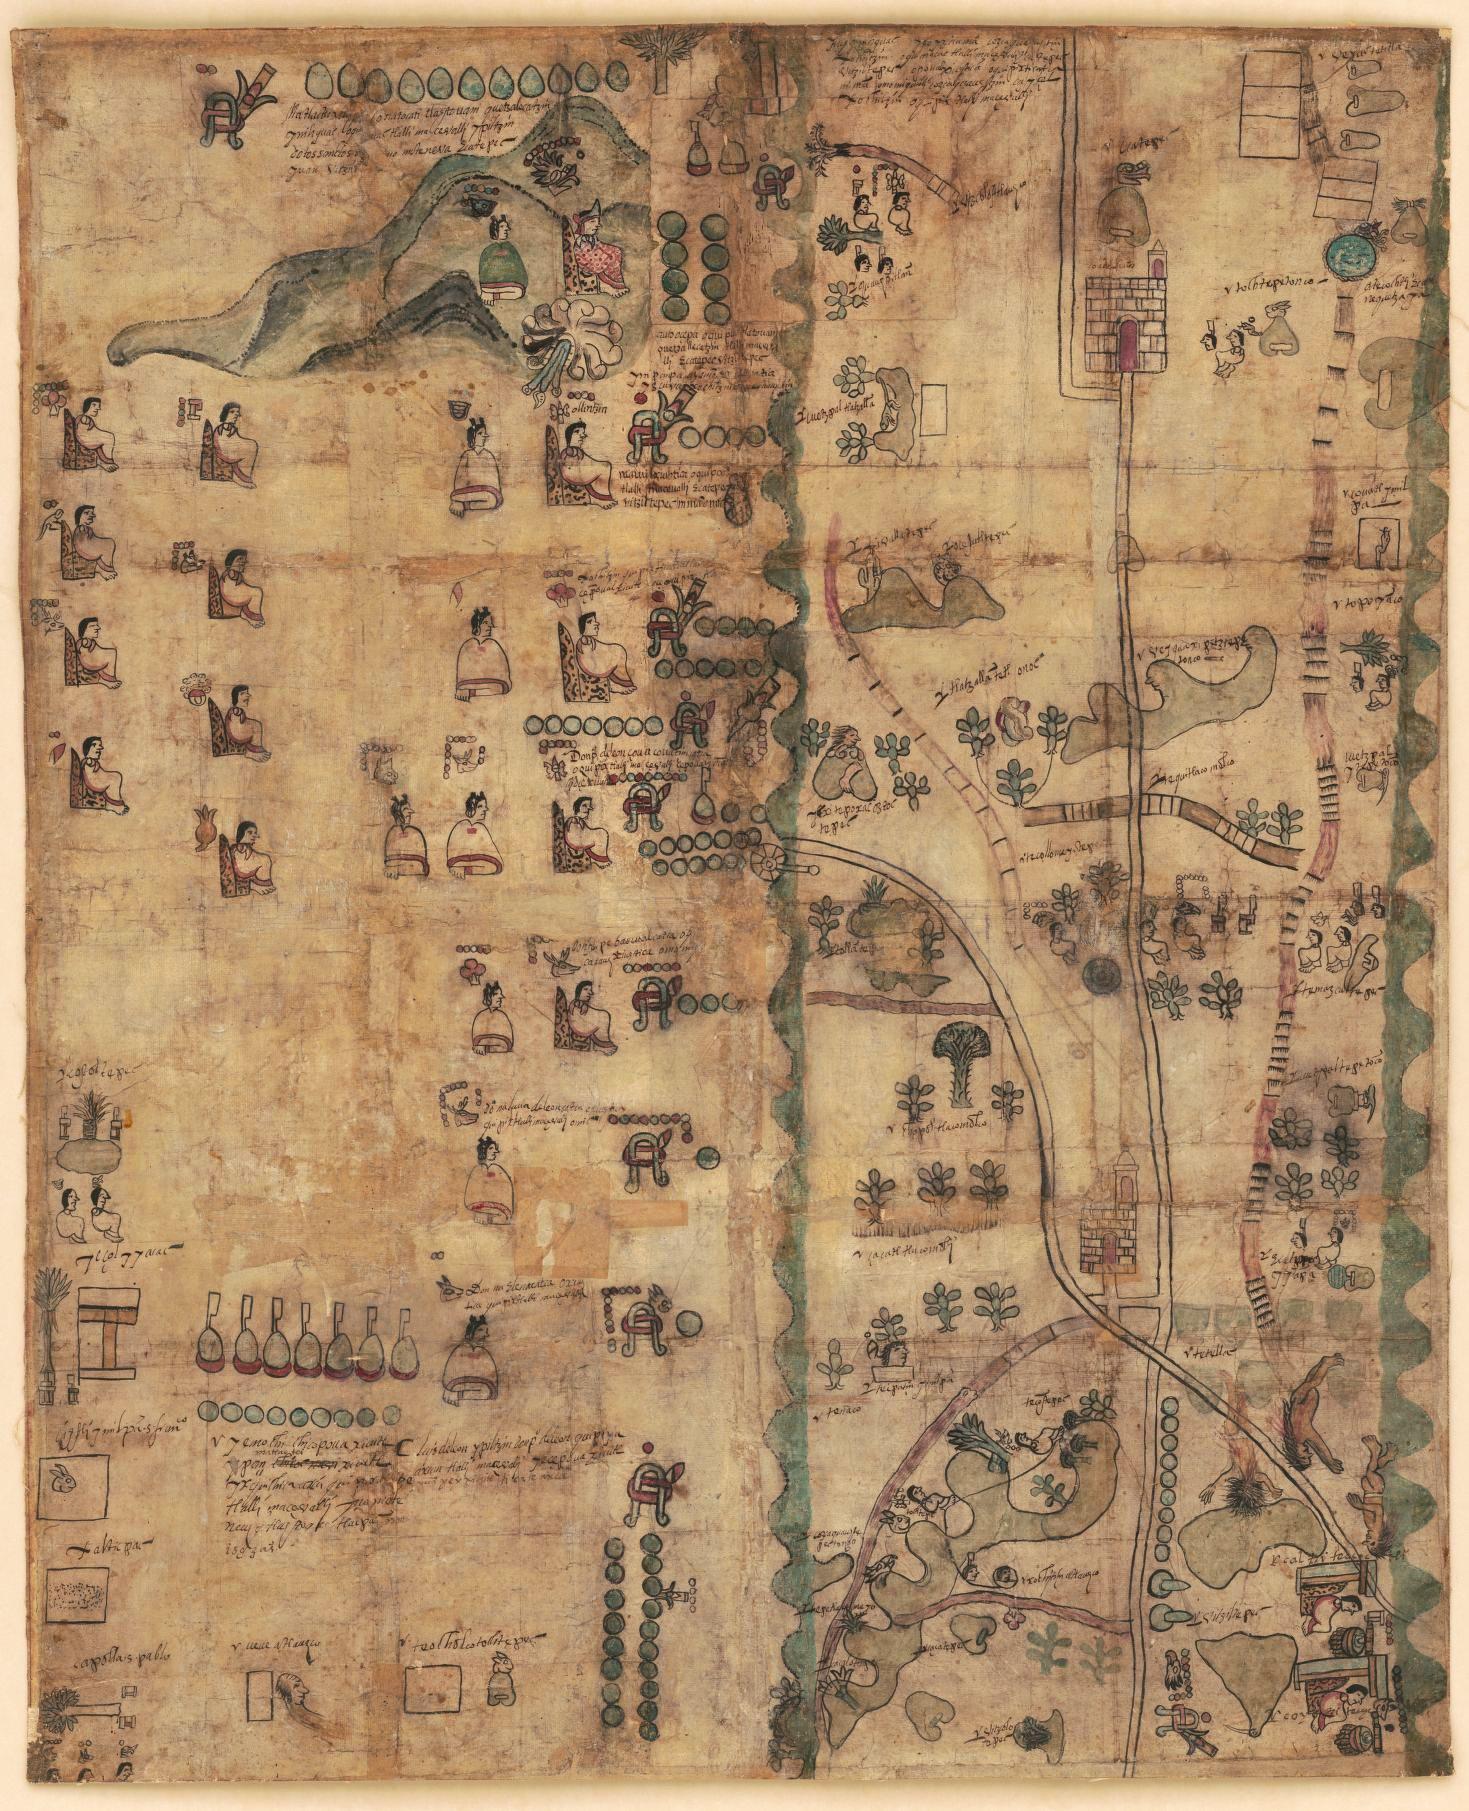 Библиотека Конгресса США приобрела и оцифровала мексиканский кодекс 1593  года